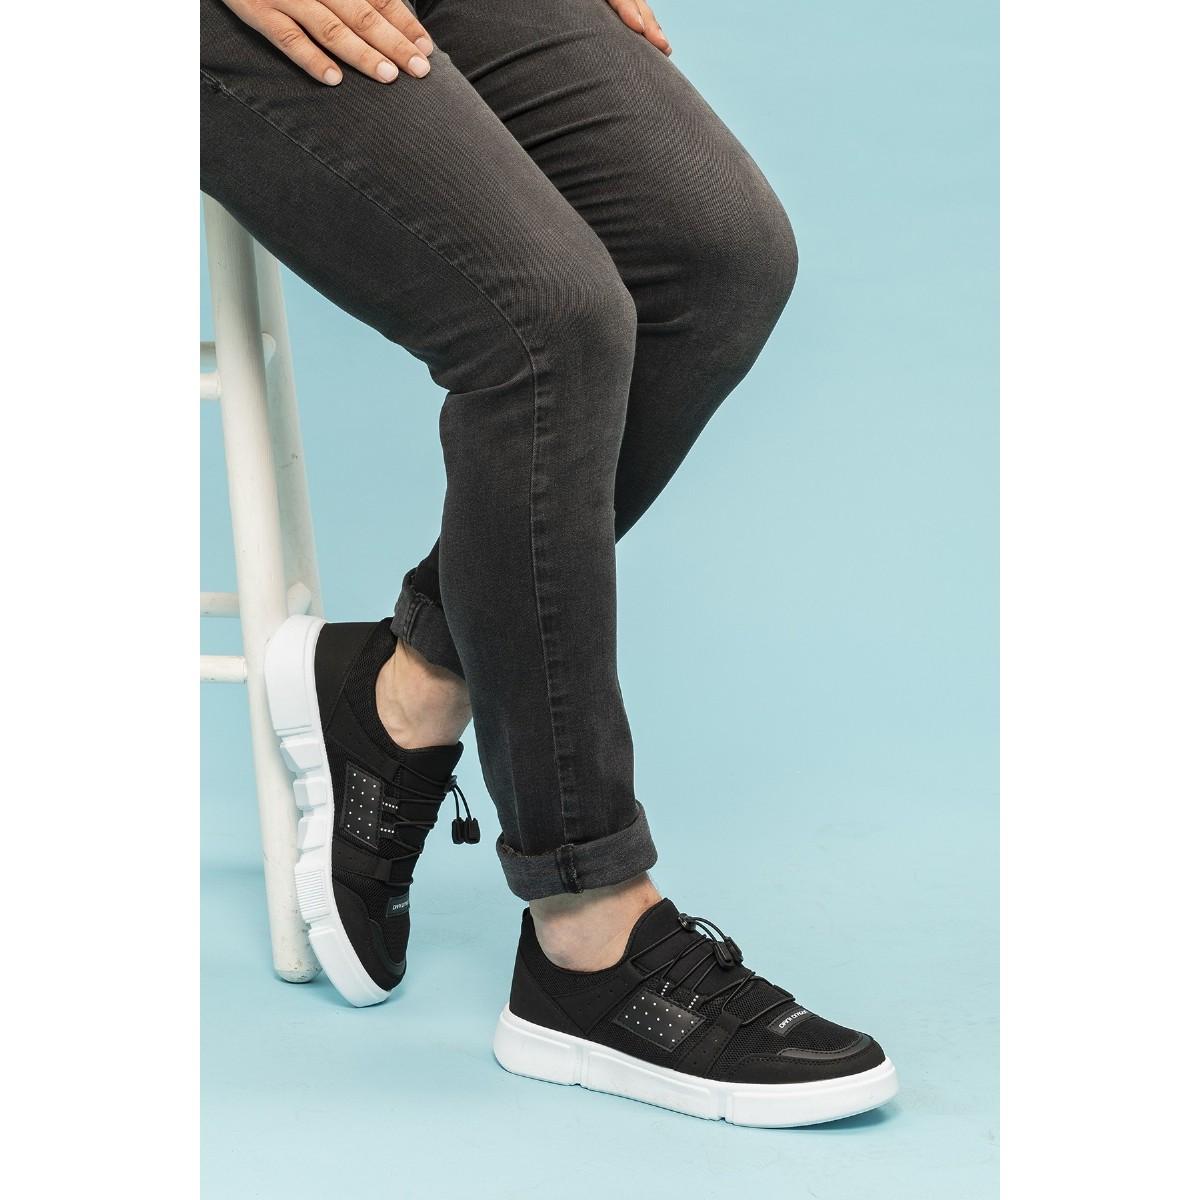 Dragon 2023 Siyah Renk Beyaz Taban Spor Erkek Ayakkabı